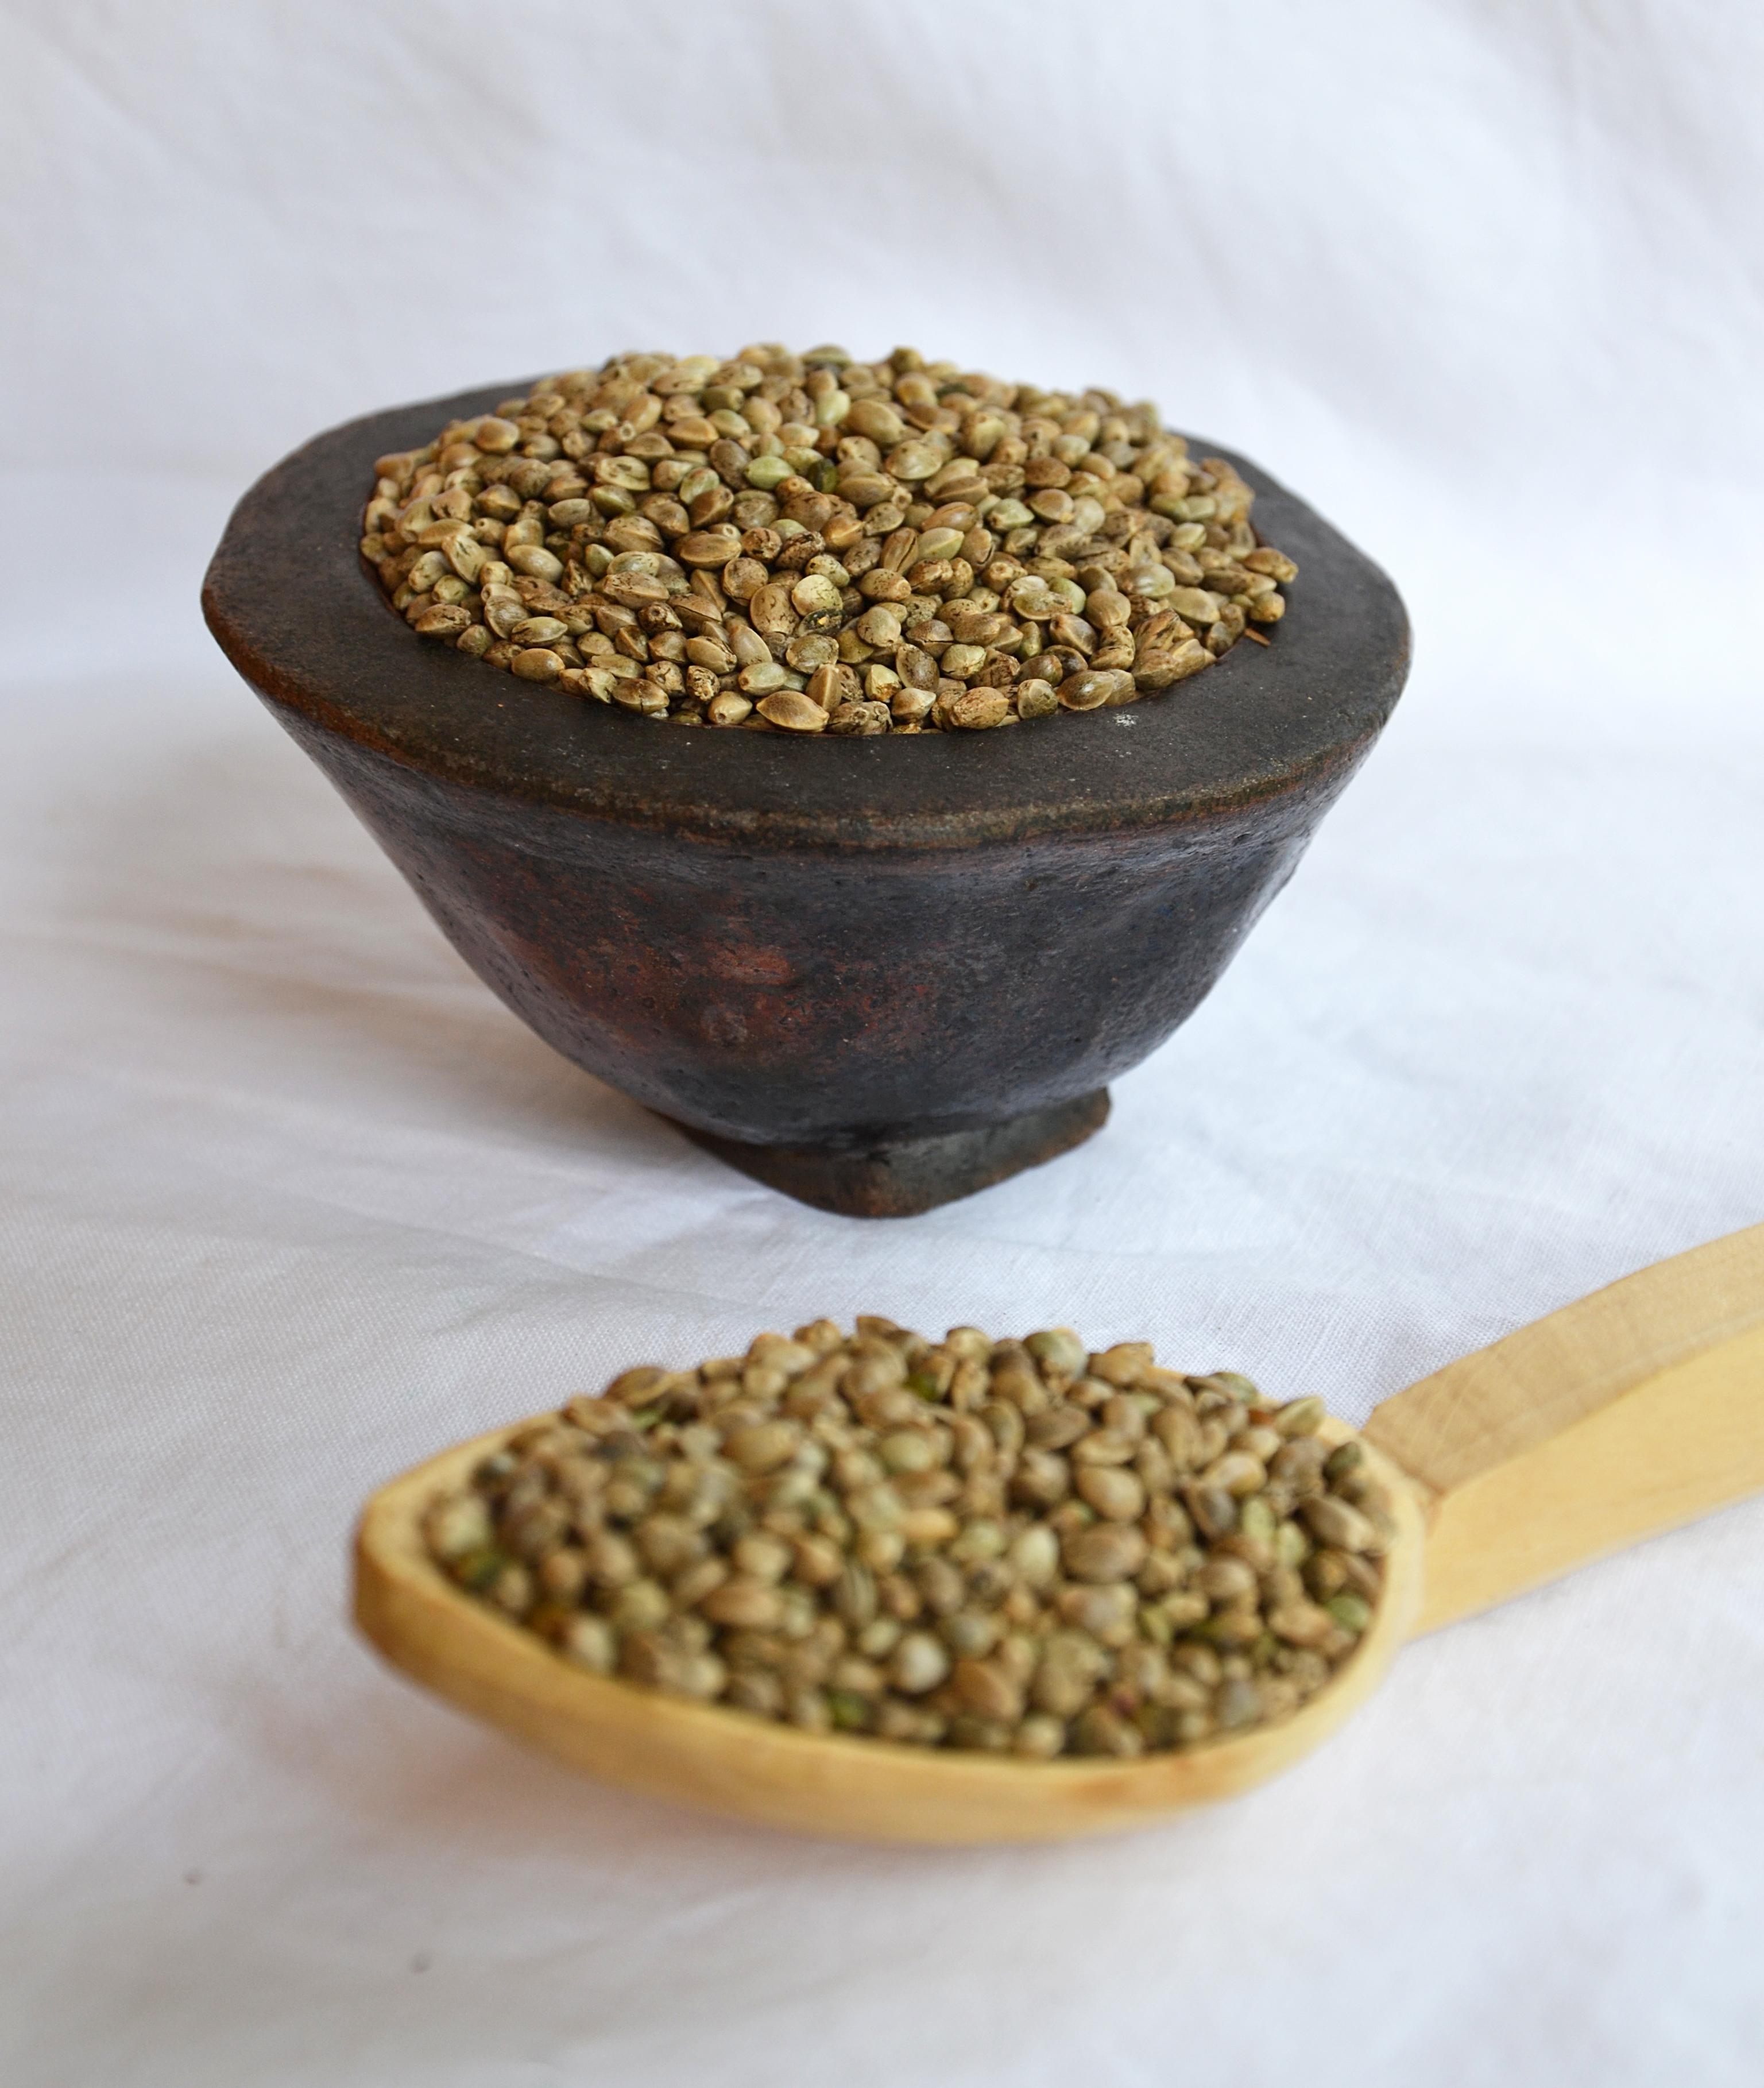 Конопля фото зерна сорта марихуаны